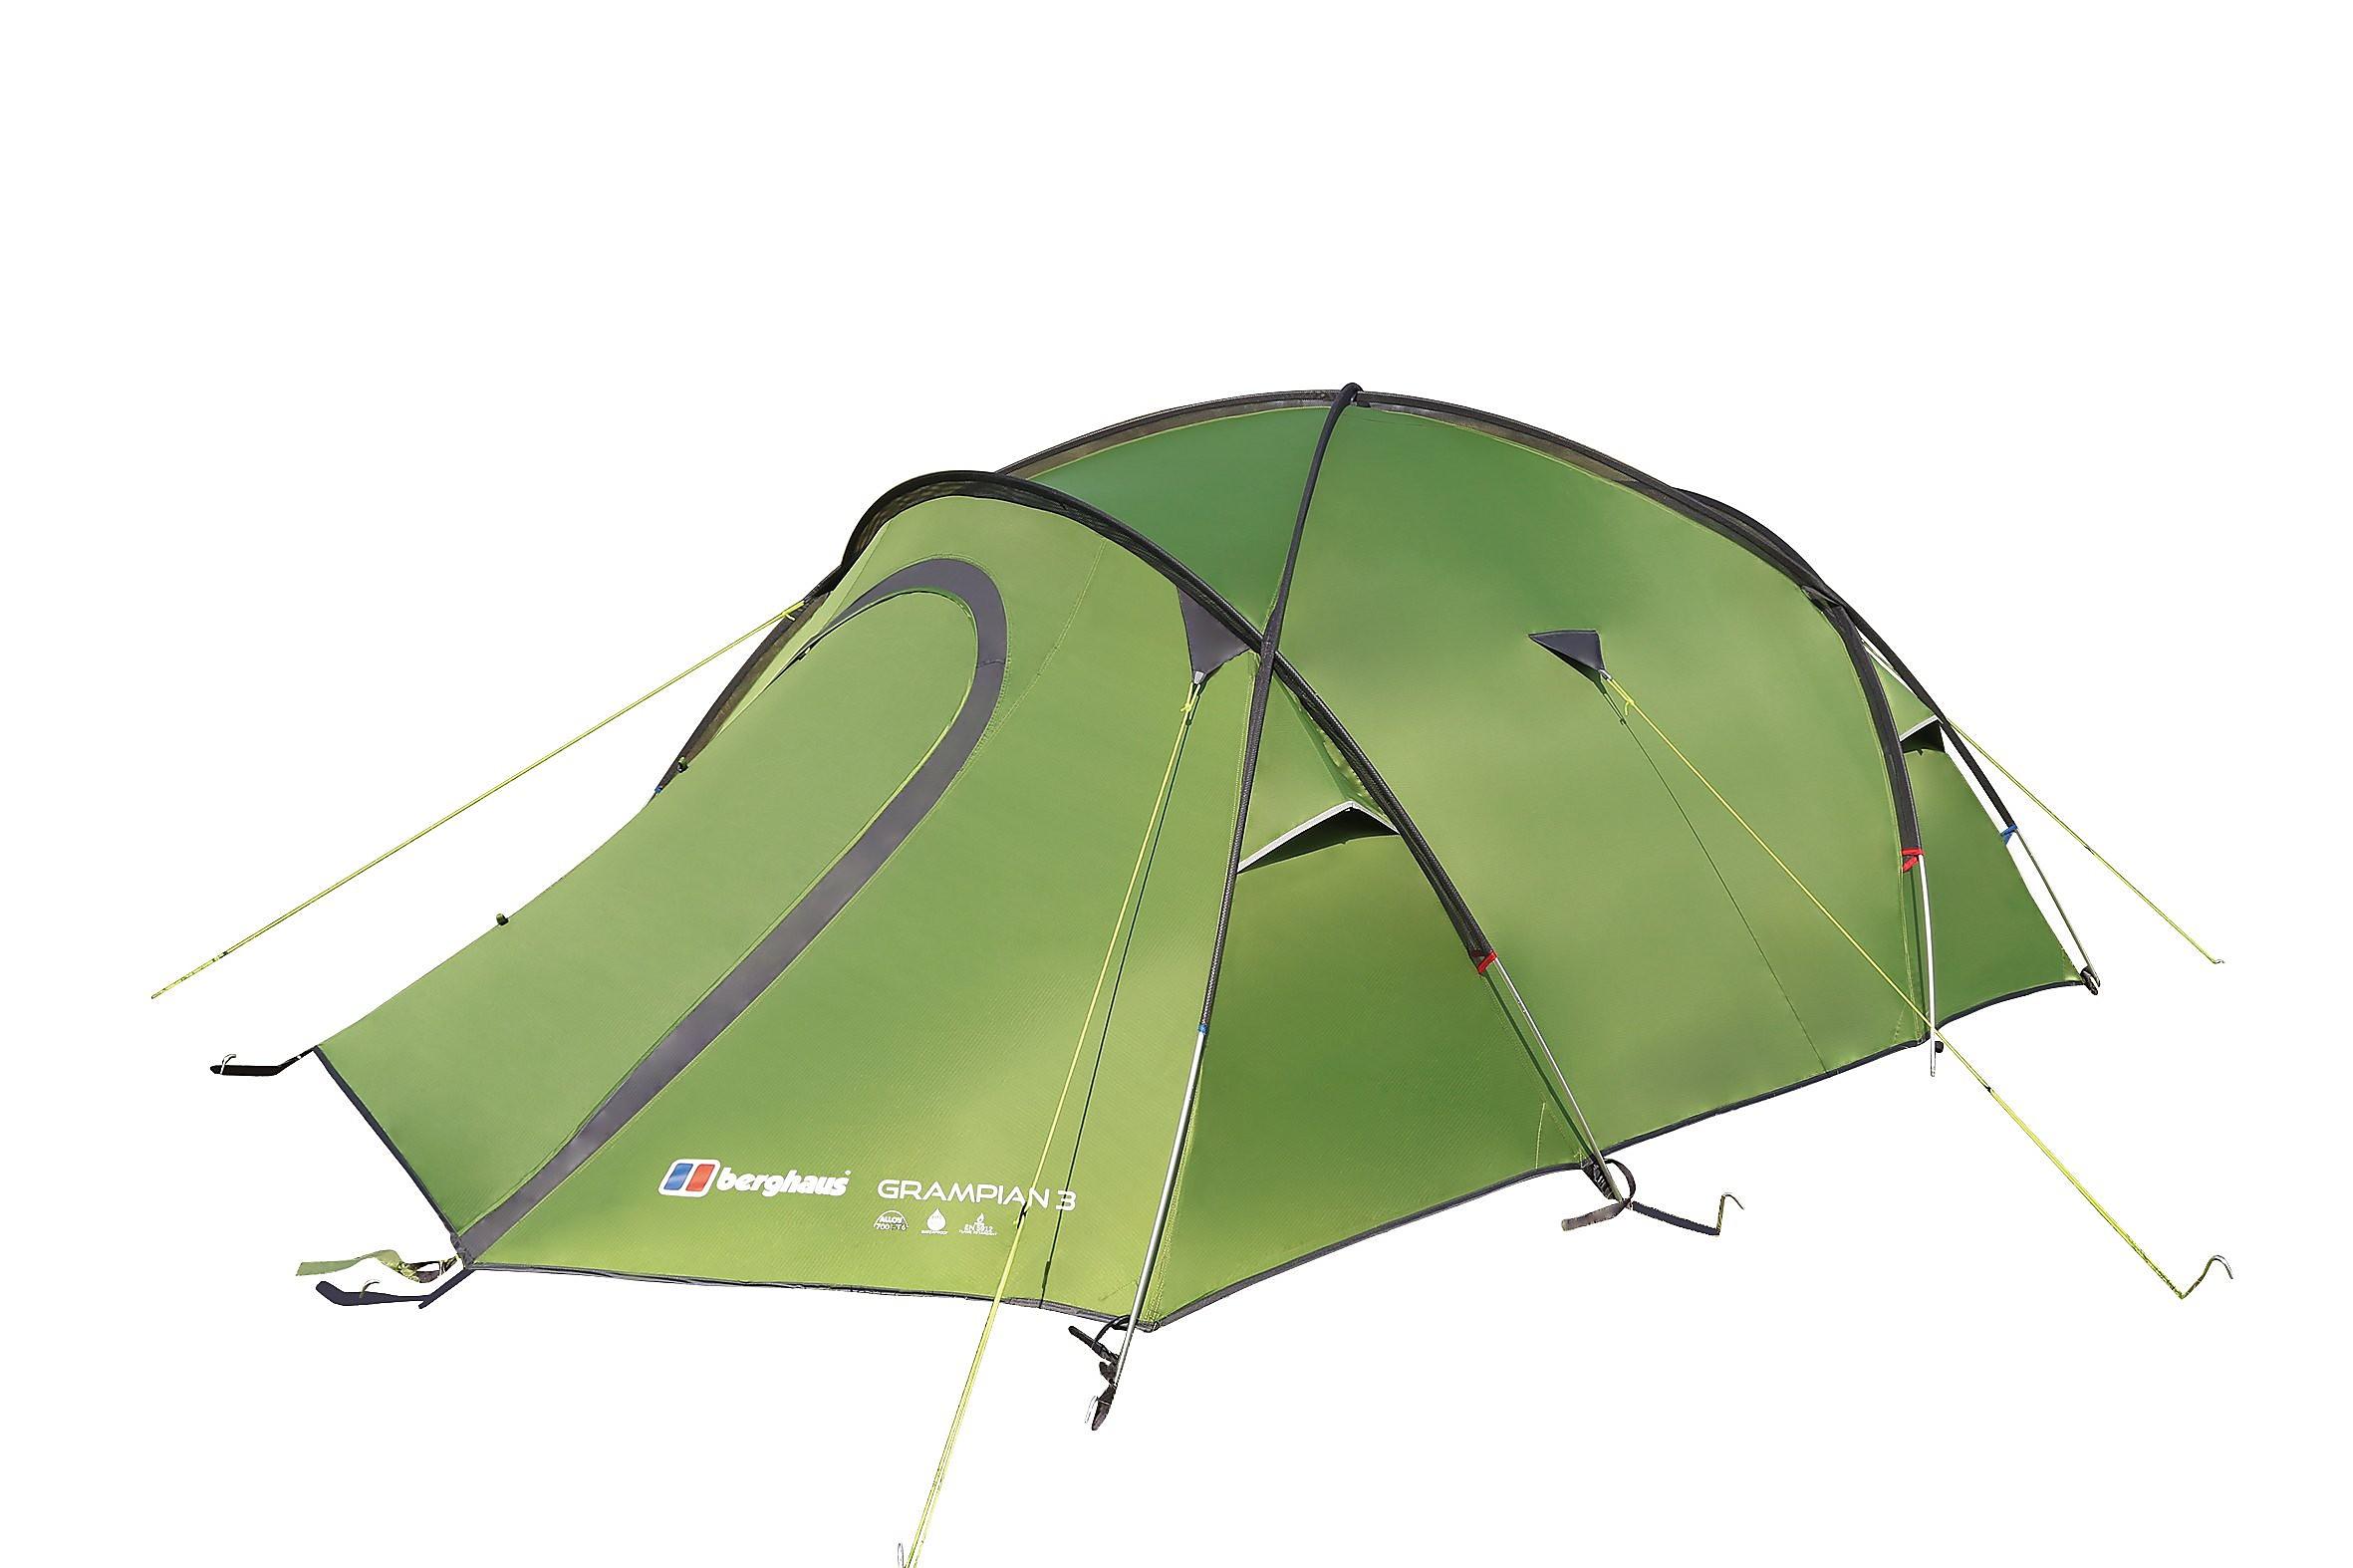 Berghaus Grampian 3- Man Tent